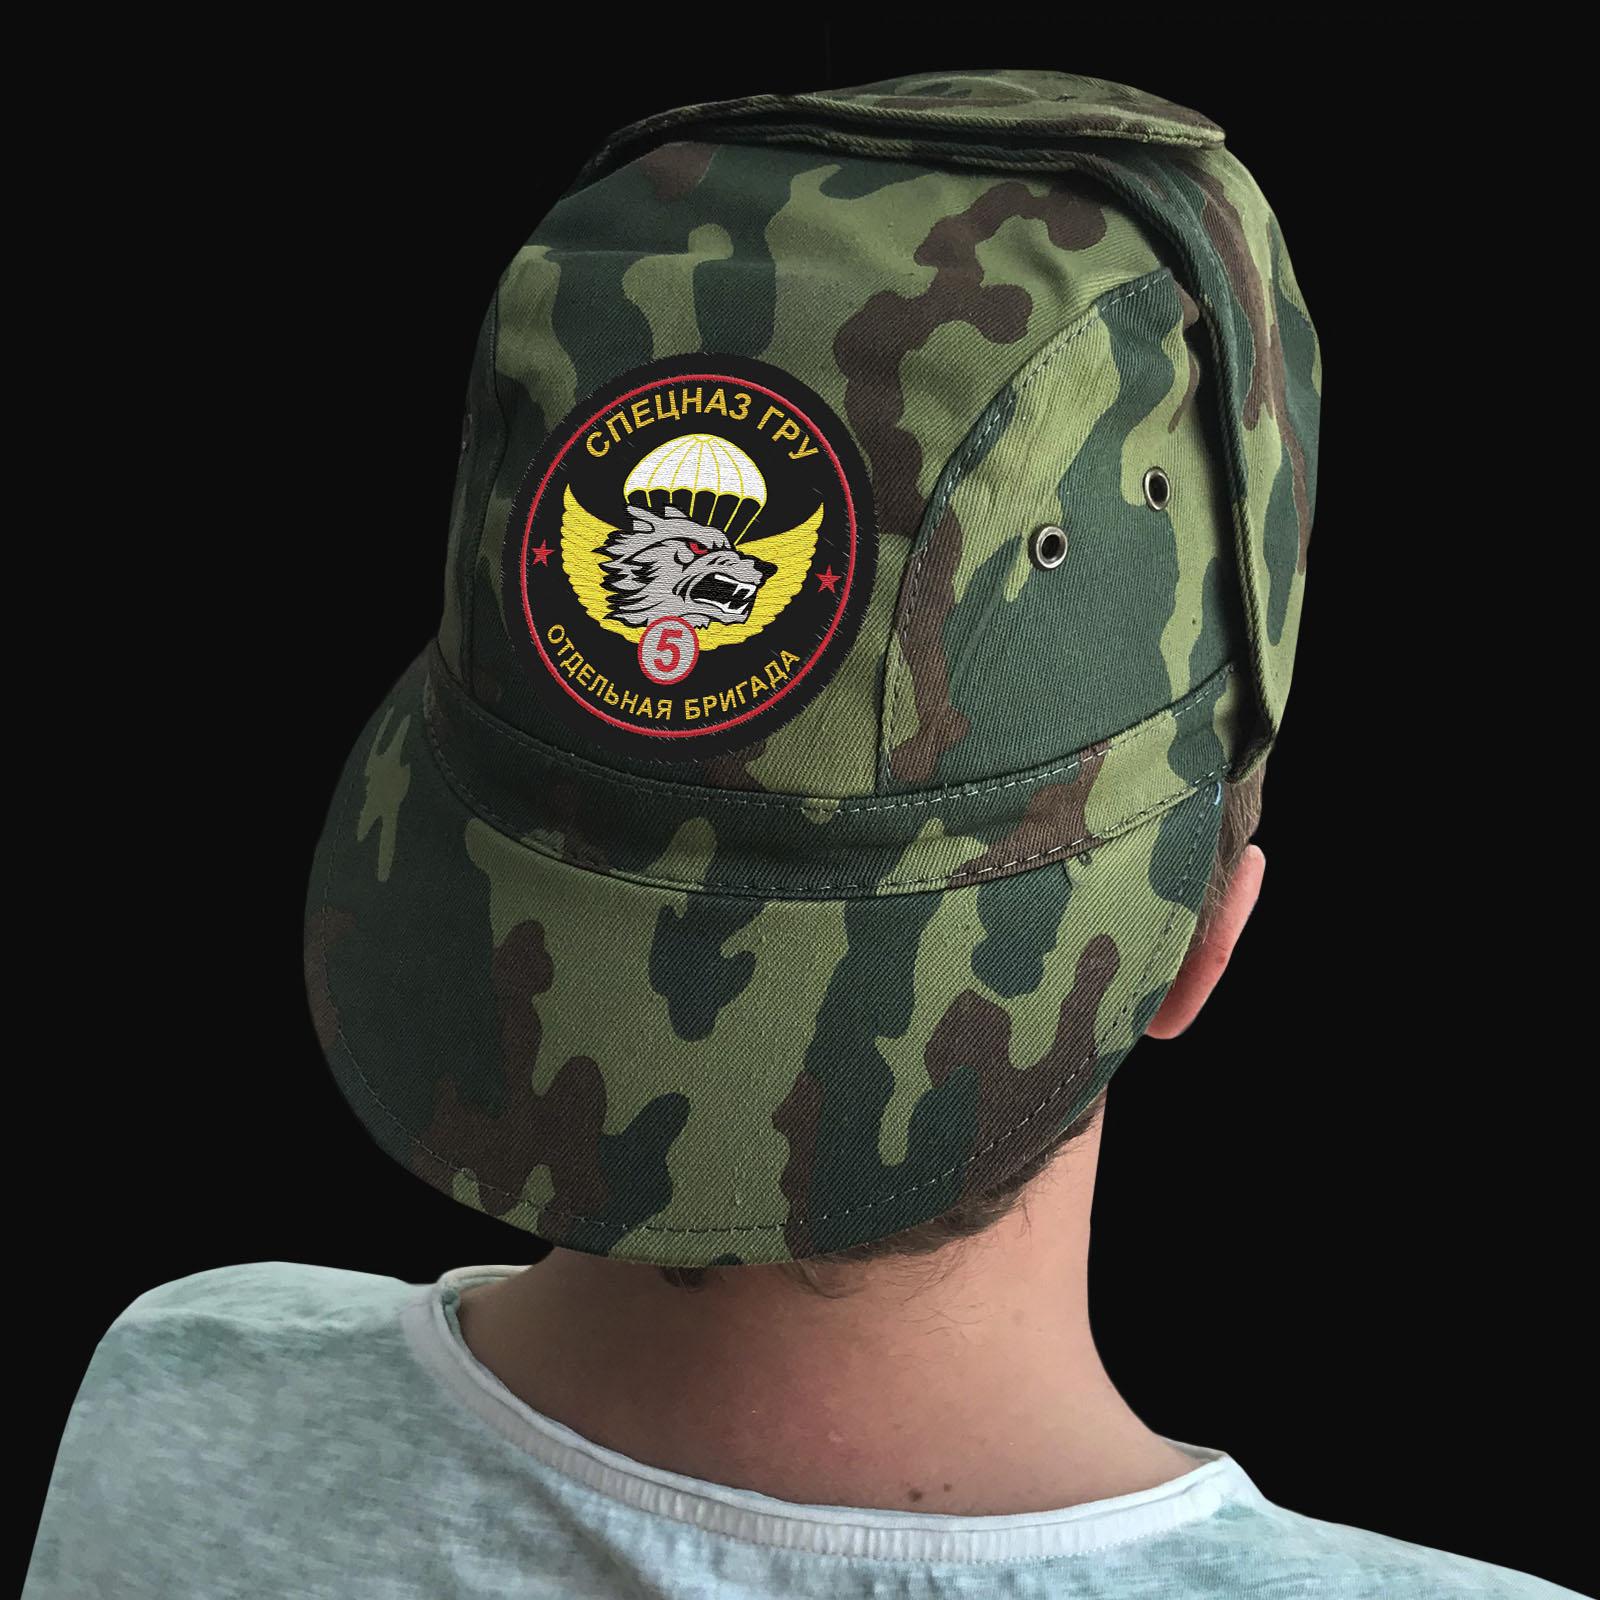 Кепка с шевроном 5 ОБрСпН ГРУ – тактический головной убор